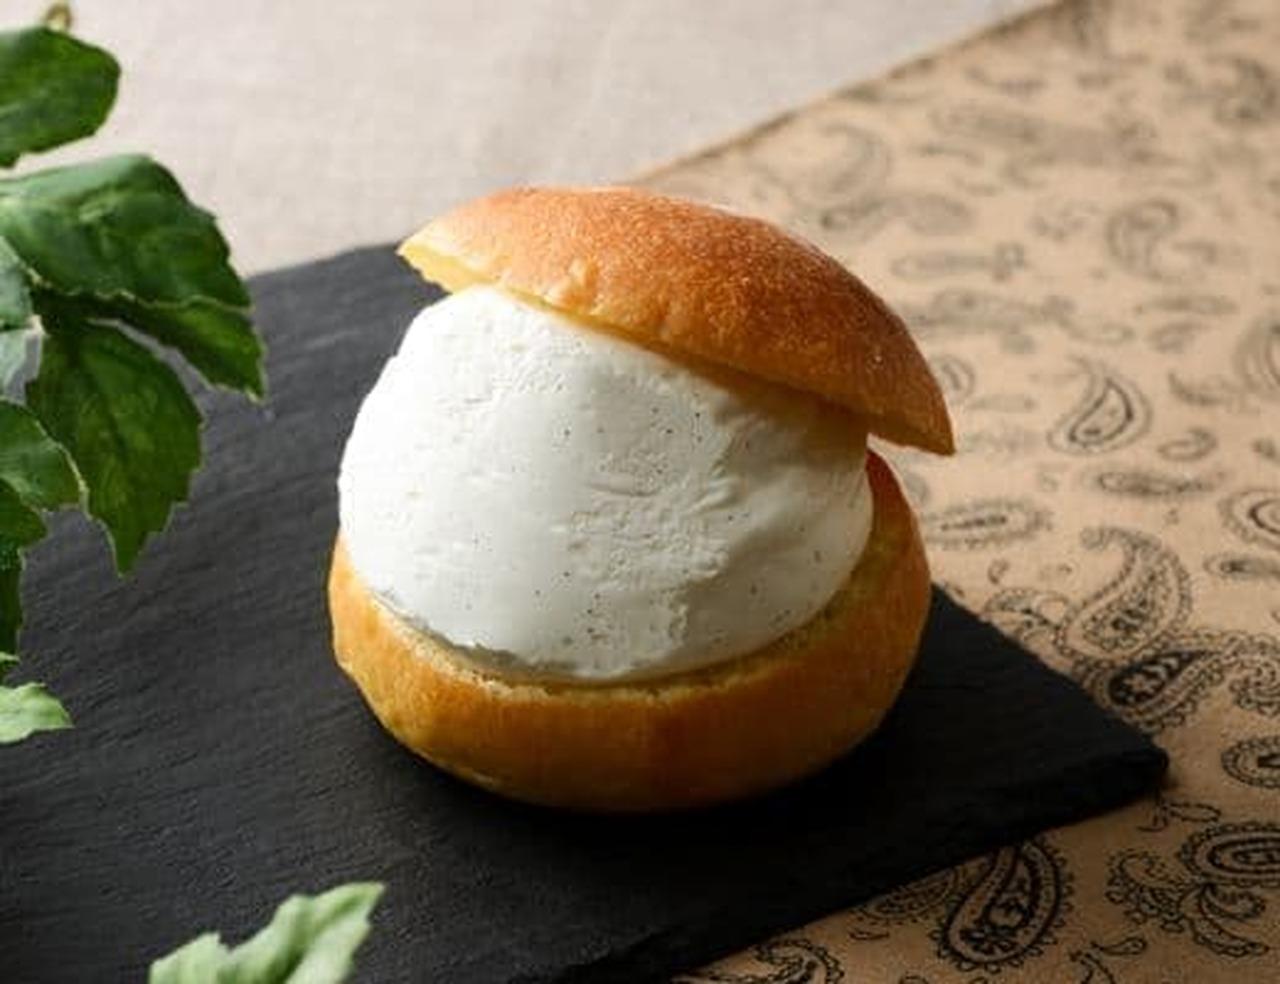 ローソン「Uchi Cafe Specialite 澄ふわマリトッツォ(ヘーゼルナッツチョコ入り)」